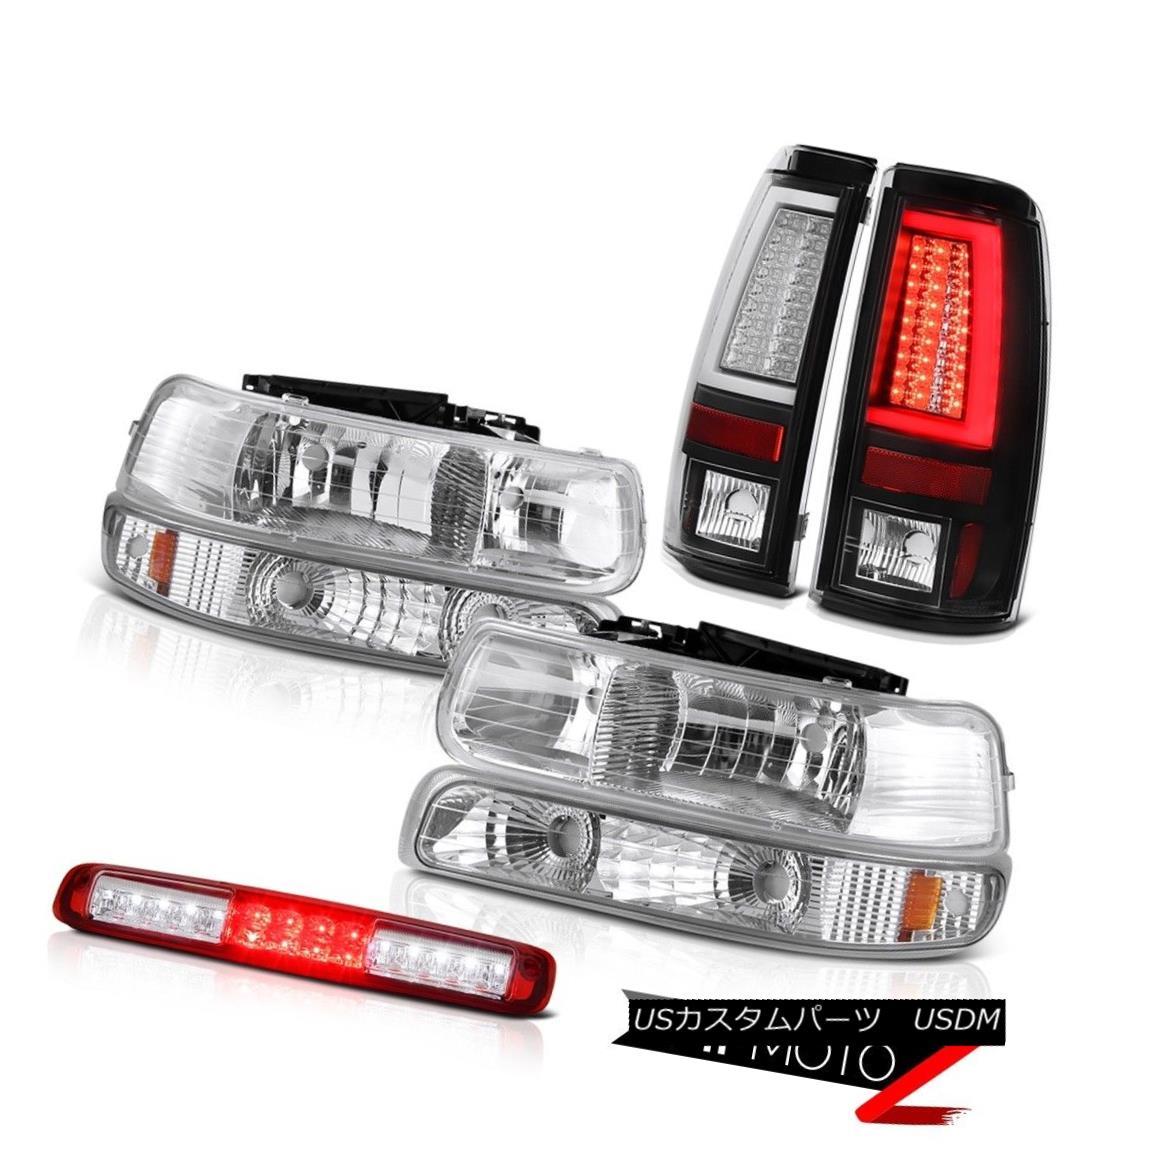 ヘッドライト 99-02 Silverado LT Rear Brake Lights 3rd Light Headlamps